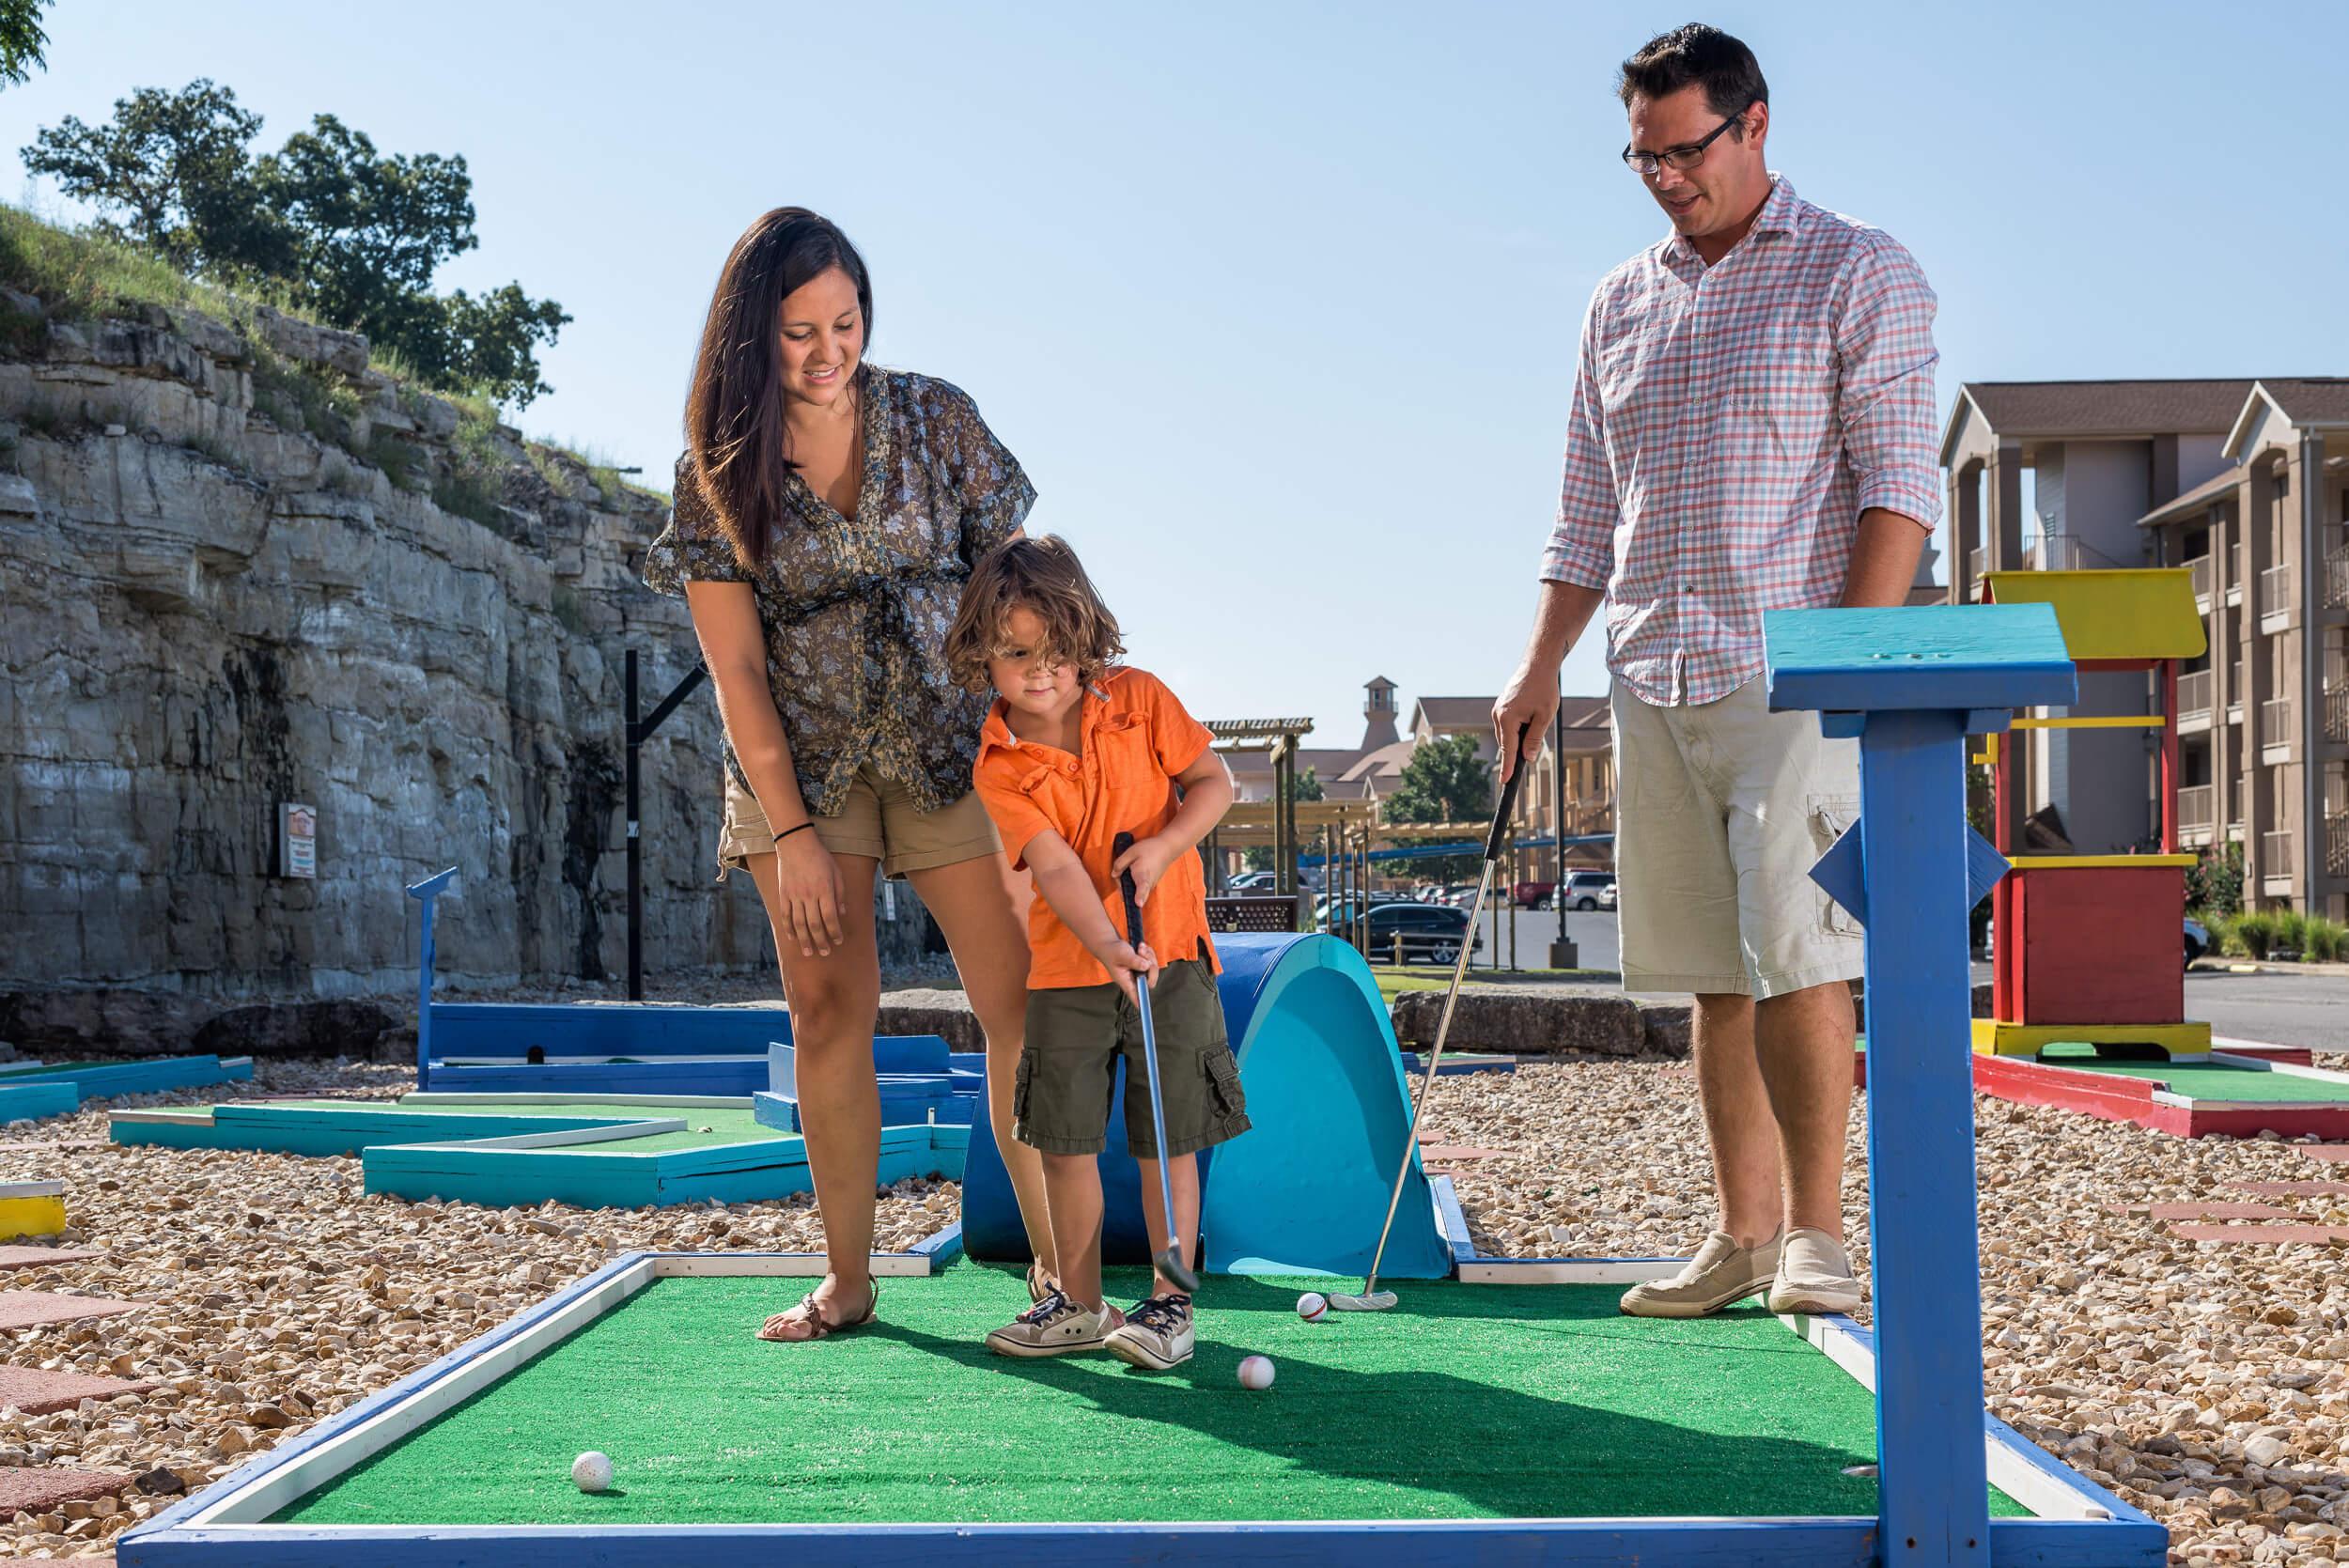 Family playing mini golf at resort | Westgate Branson Lakes Resort